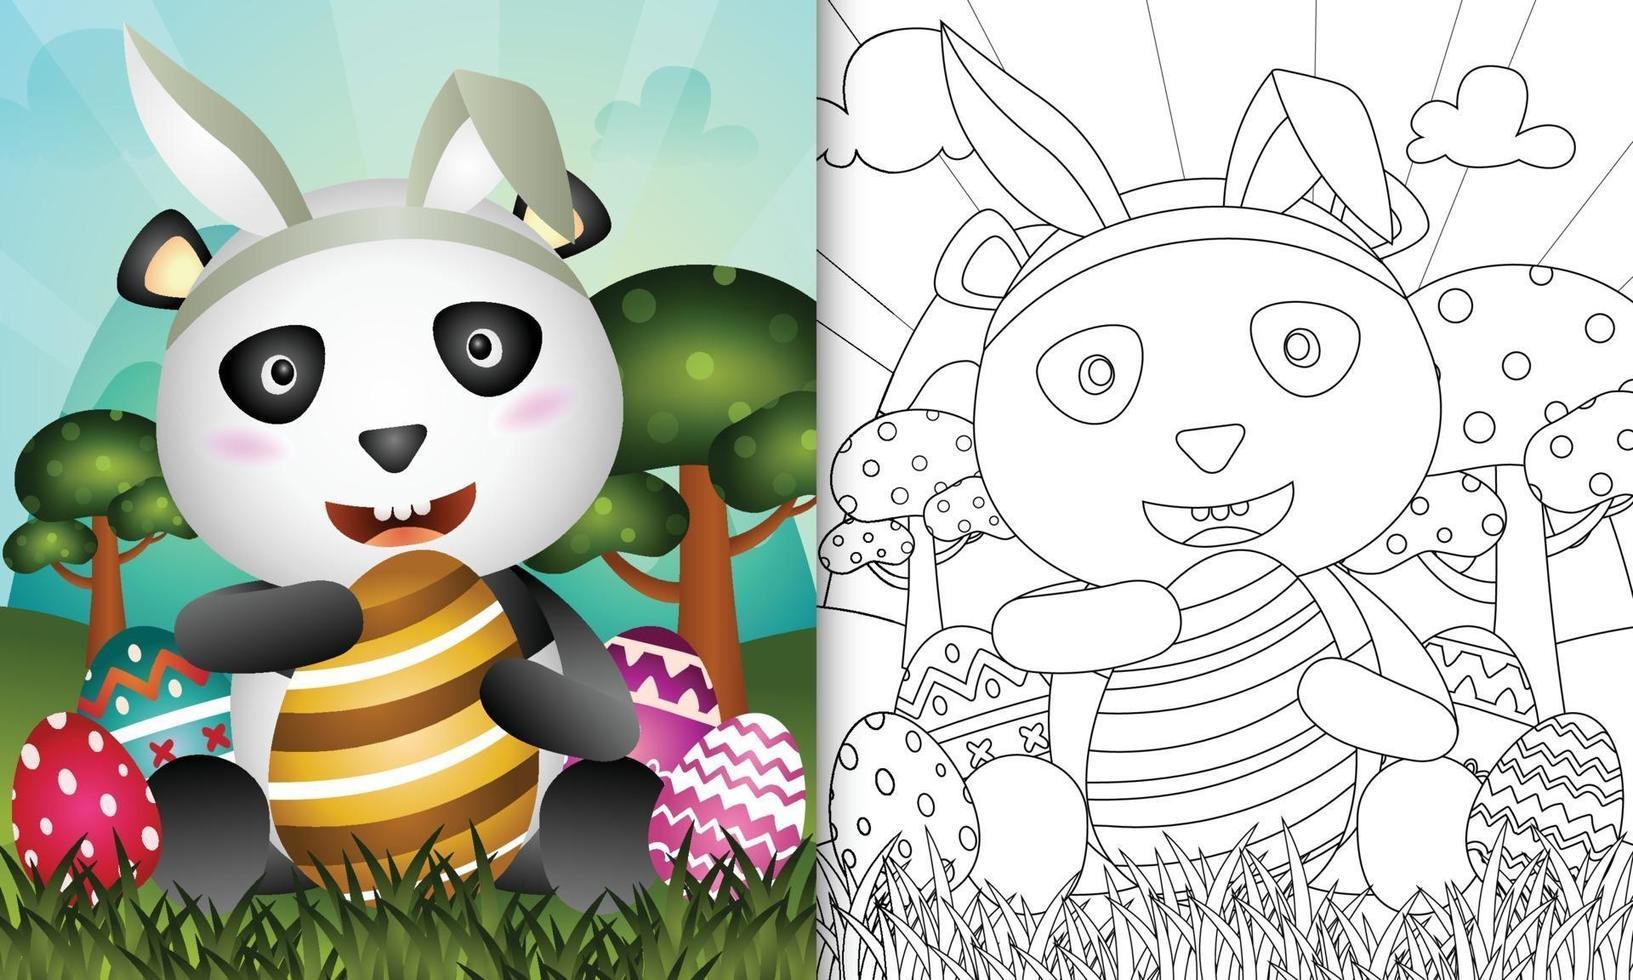 livro de colorir para crianças com o tema Páscoa com um panda fofo usando tiaras de orelhas de coelho abraçando um ovo vetor